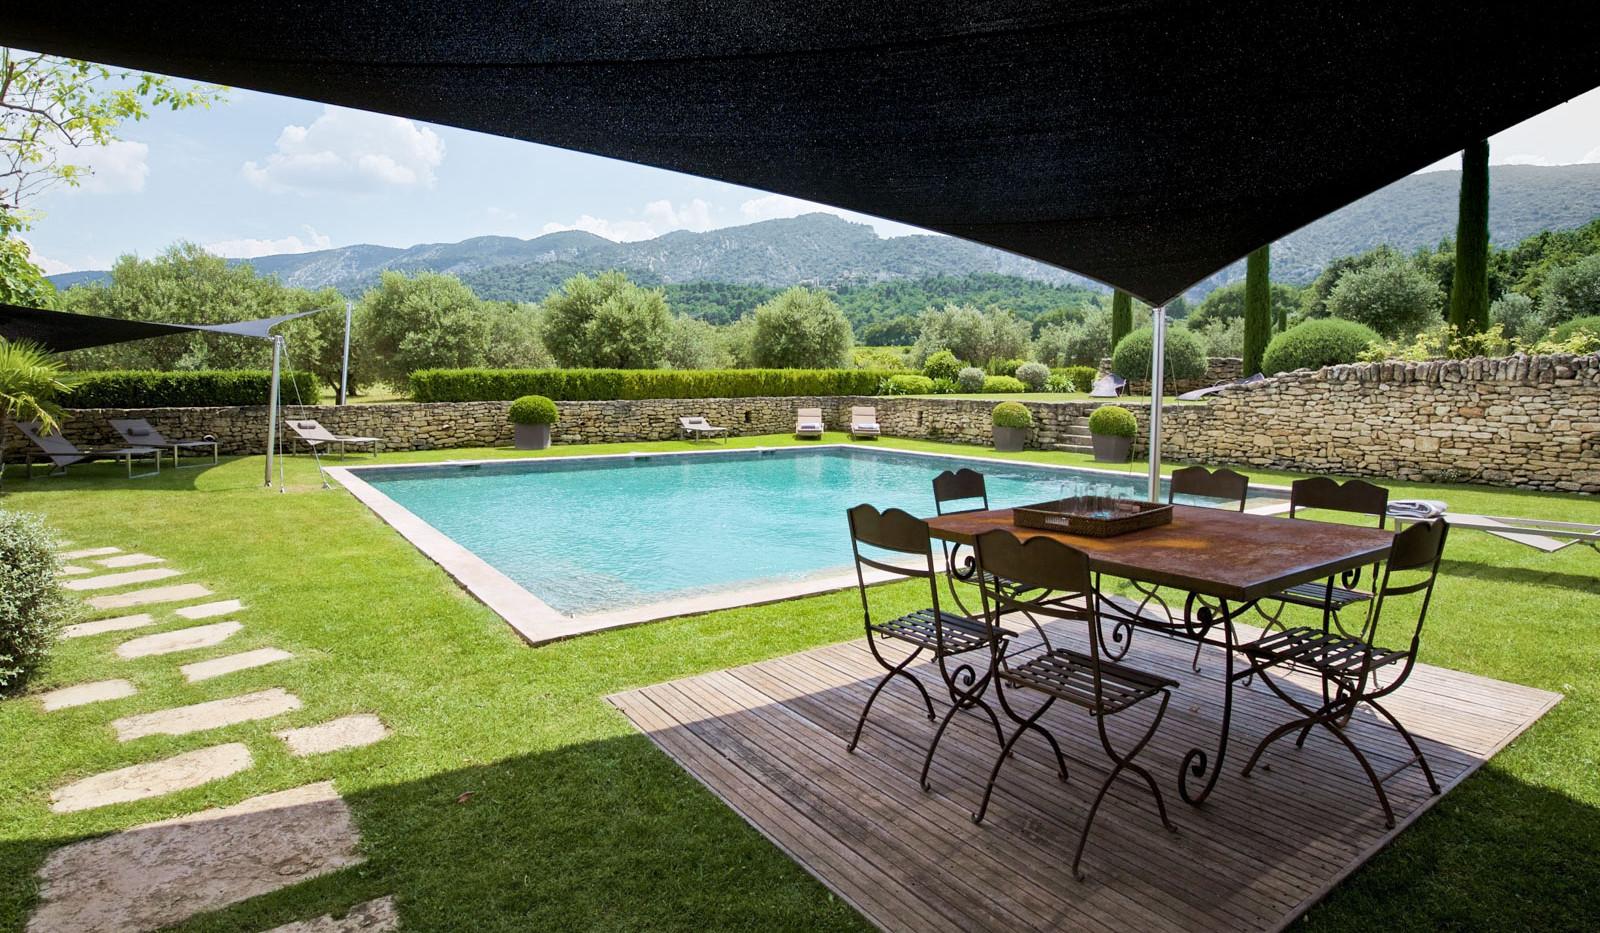 Provence-Mas de combres_06.jpg